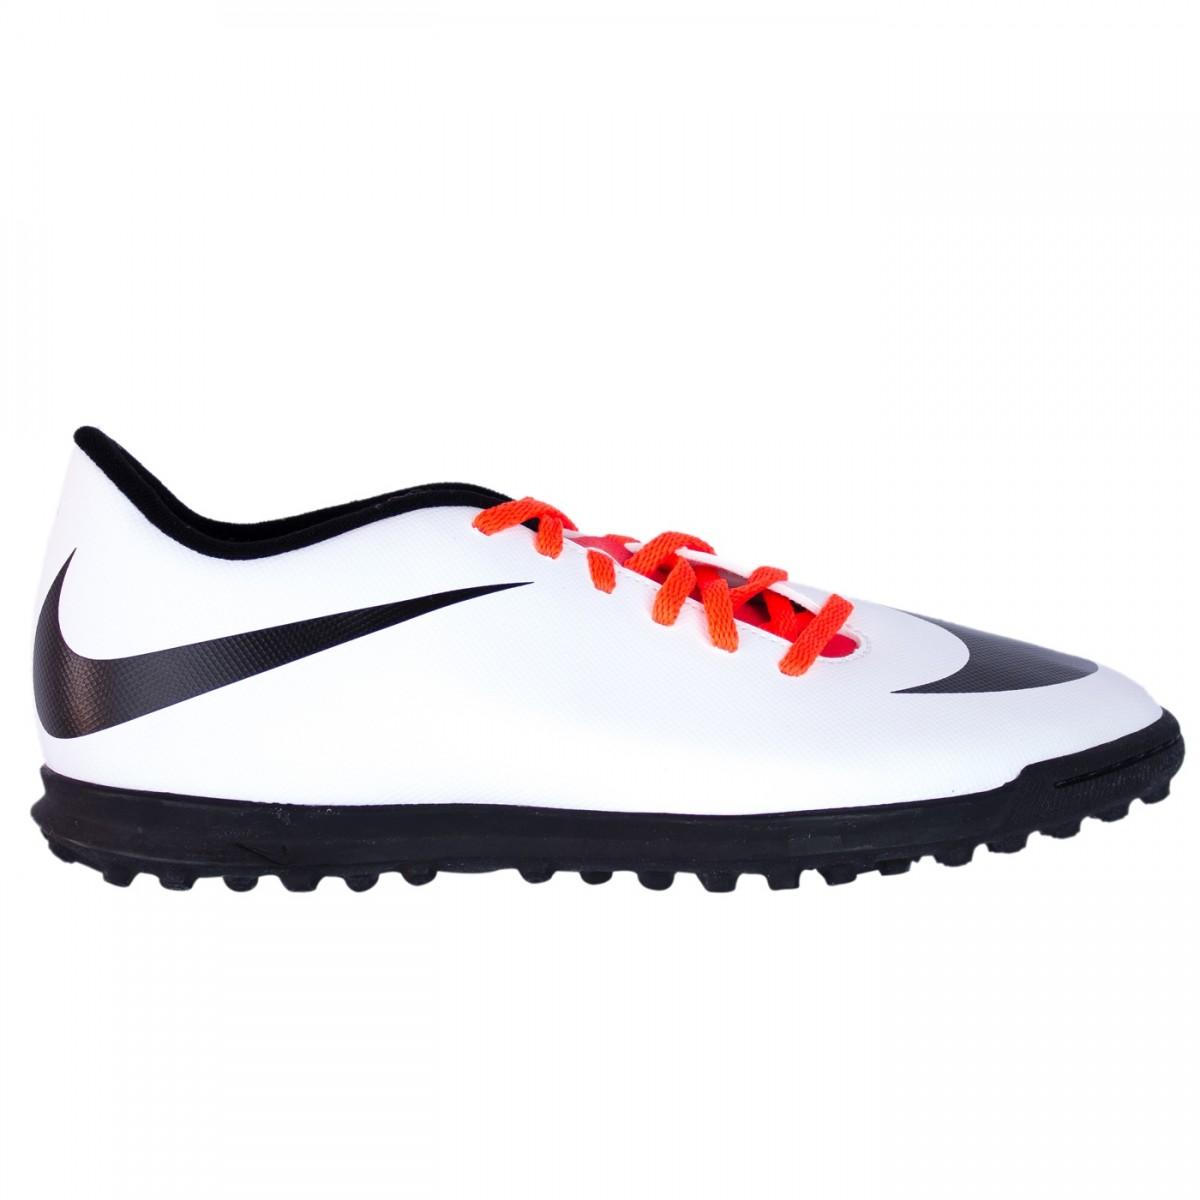 Bizz Store - Chuteira Masculina Nike Bravata Society Branca 6710fab242c20